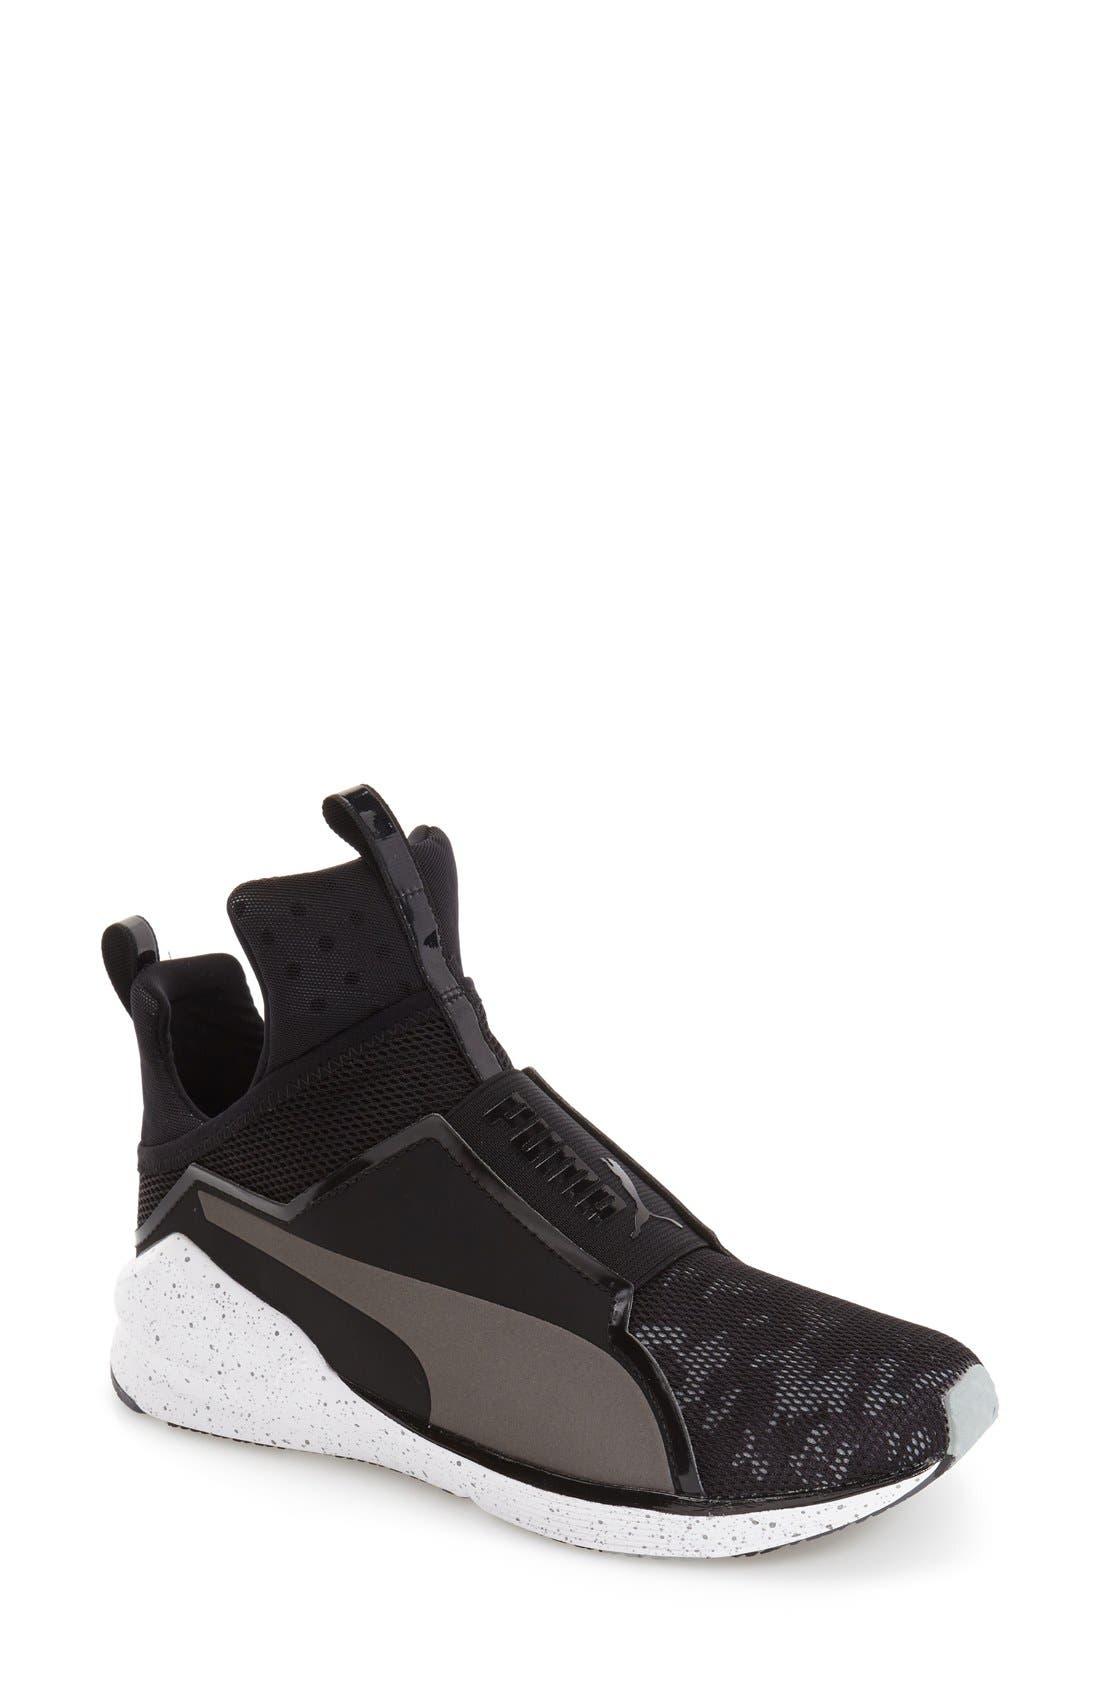 Main Image - PUMA 'Fierce Camo' Training Sneaker (Women)